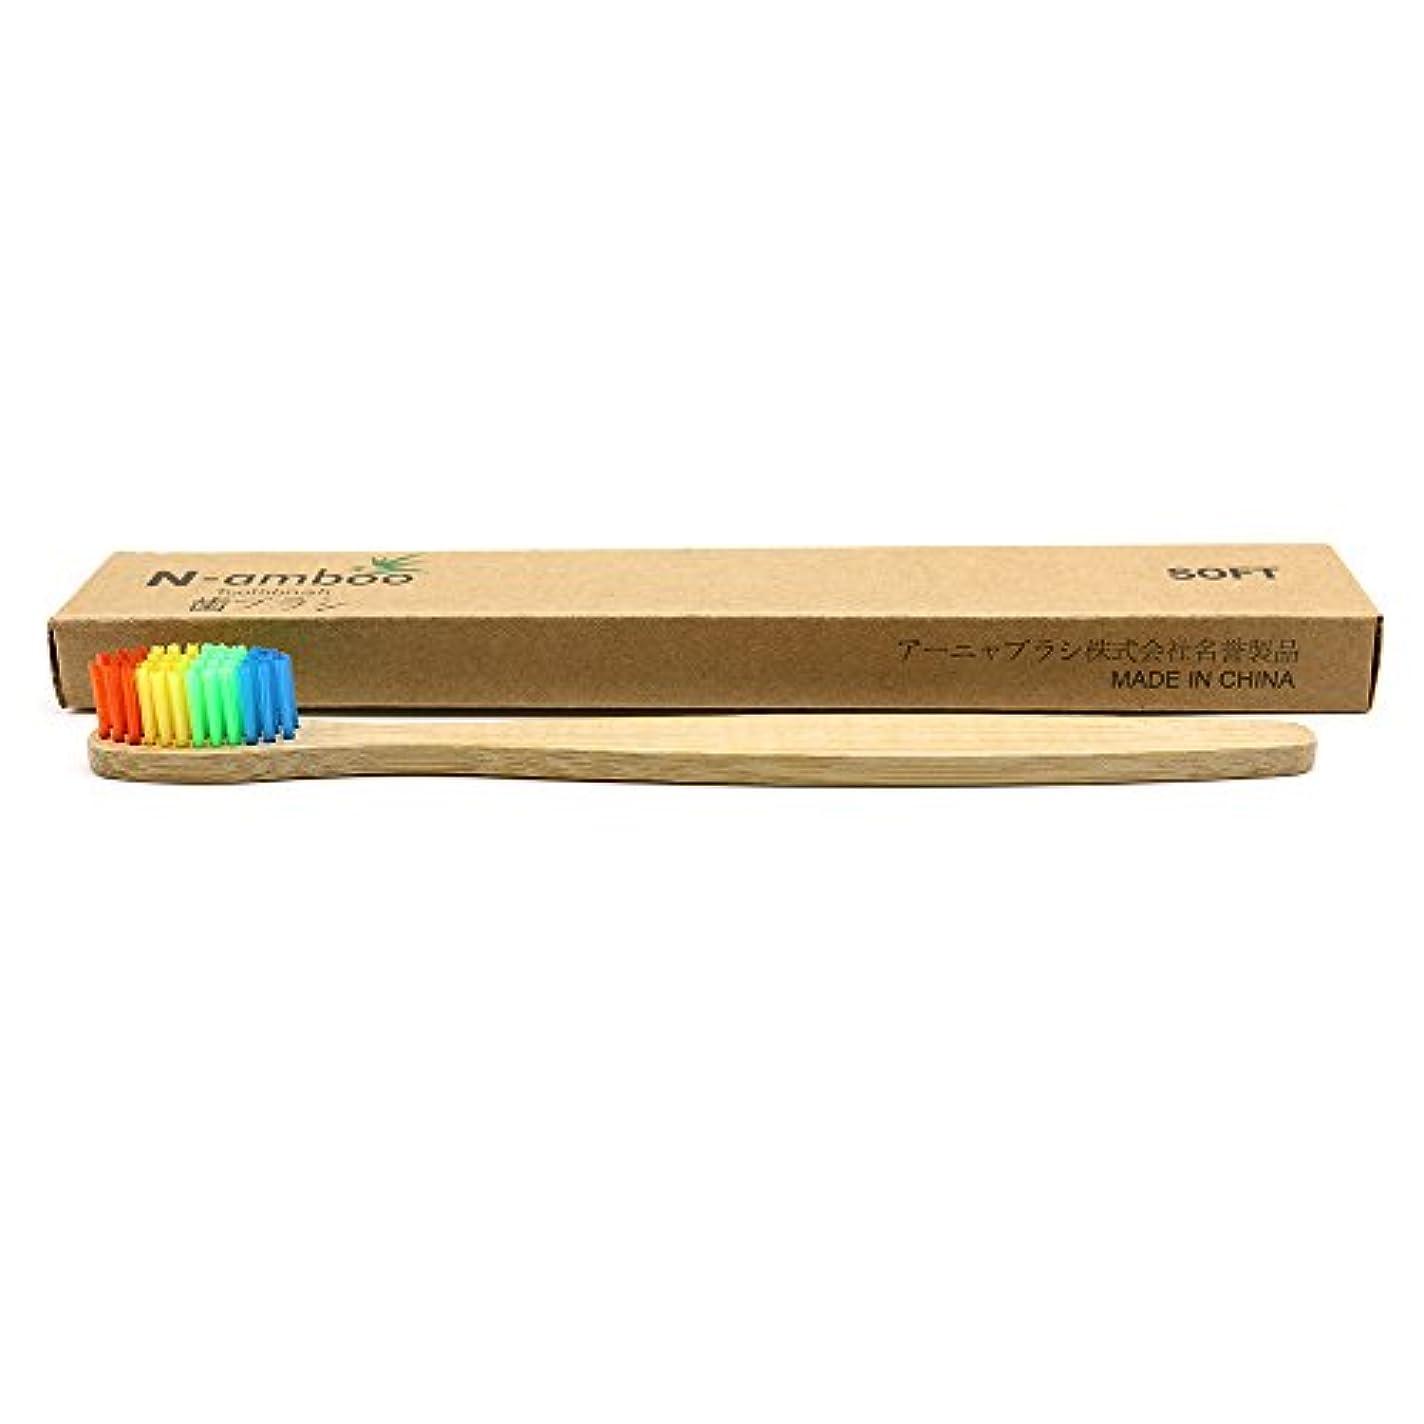 影響力のある精緻化薄汚いN-amboo 竹 歯ブラシ 虹(にじ) レインボー (1本)